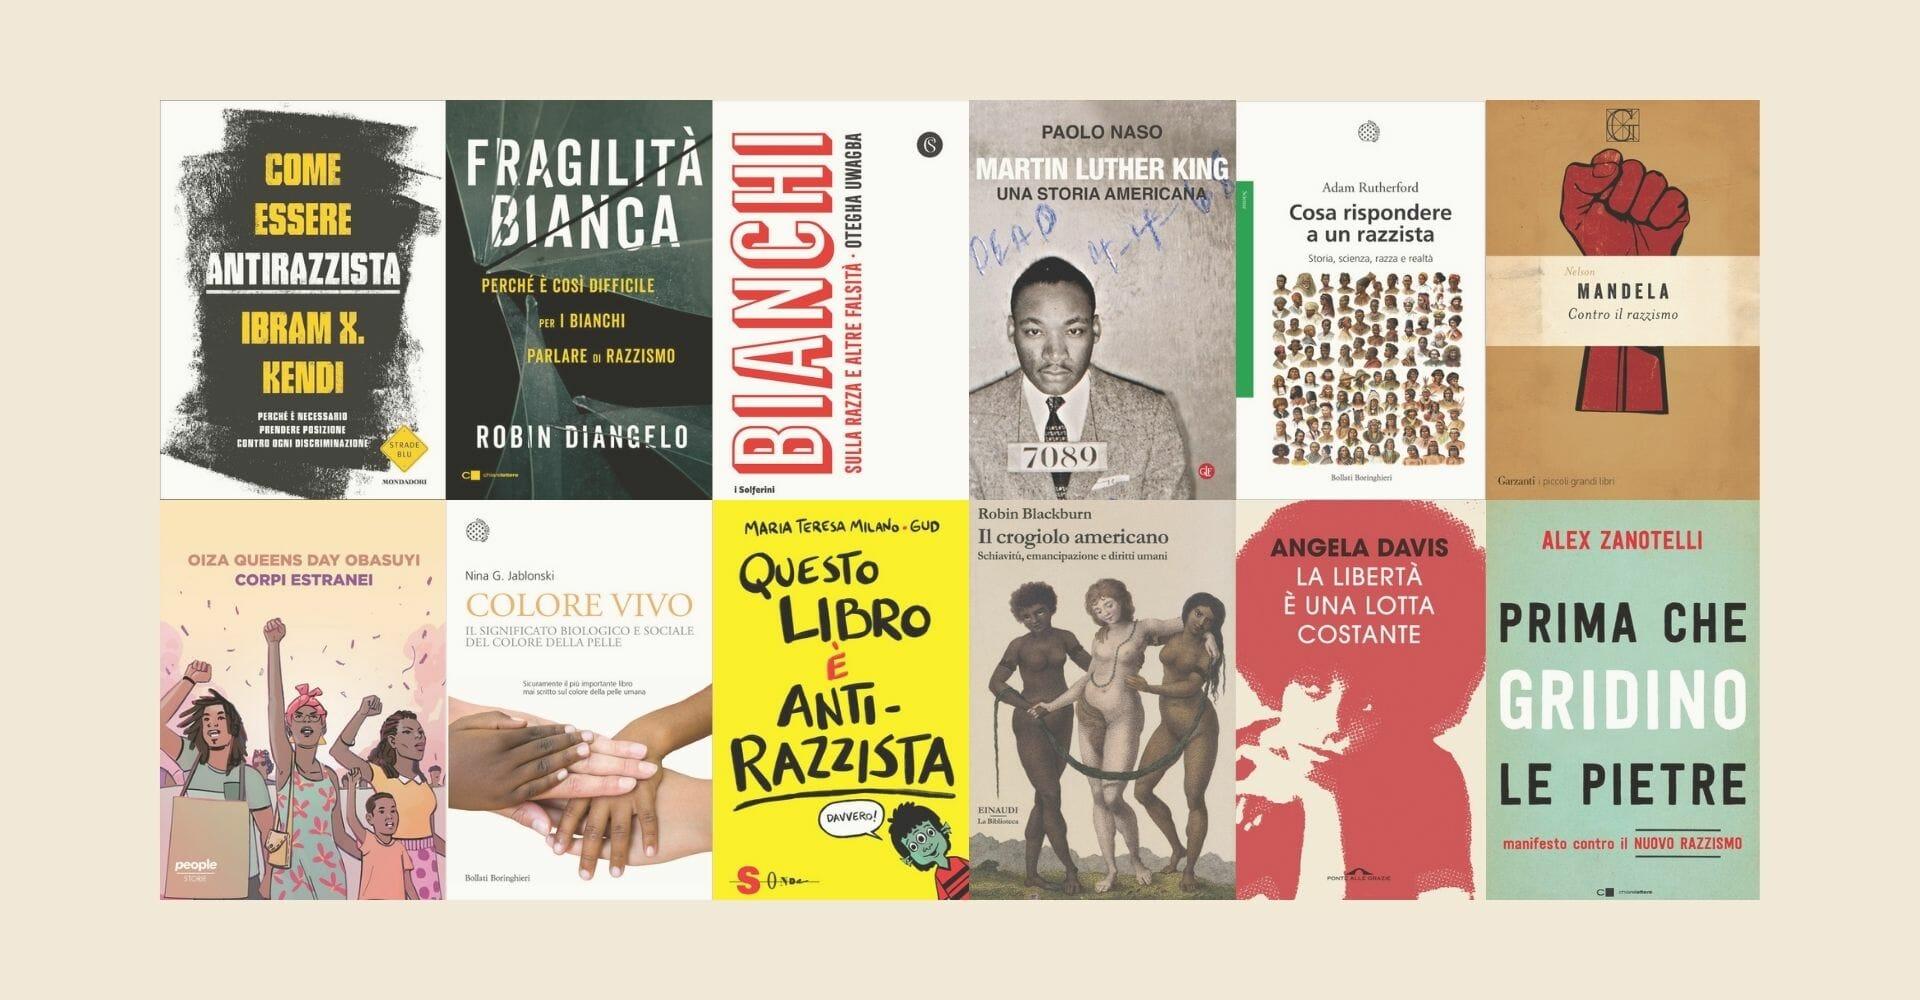 Libri contro il razzismo: tanti saggi di ieri e di oggi